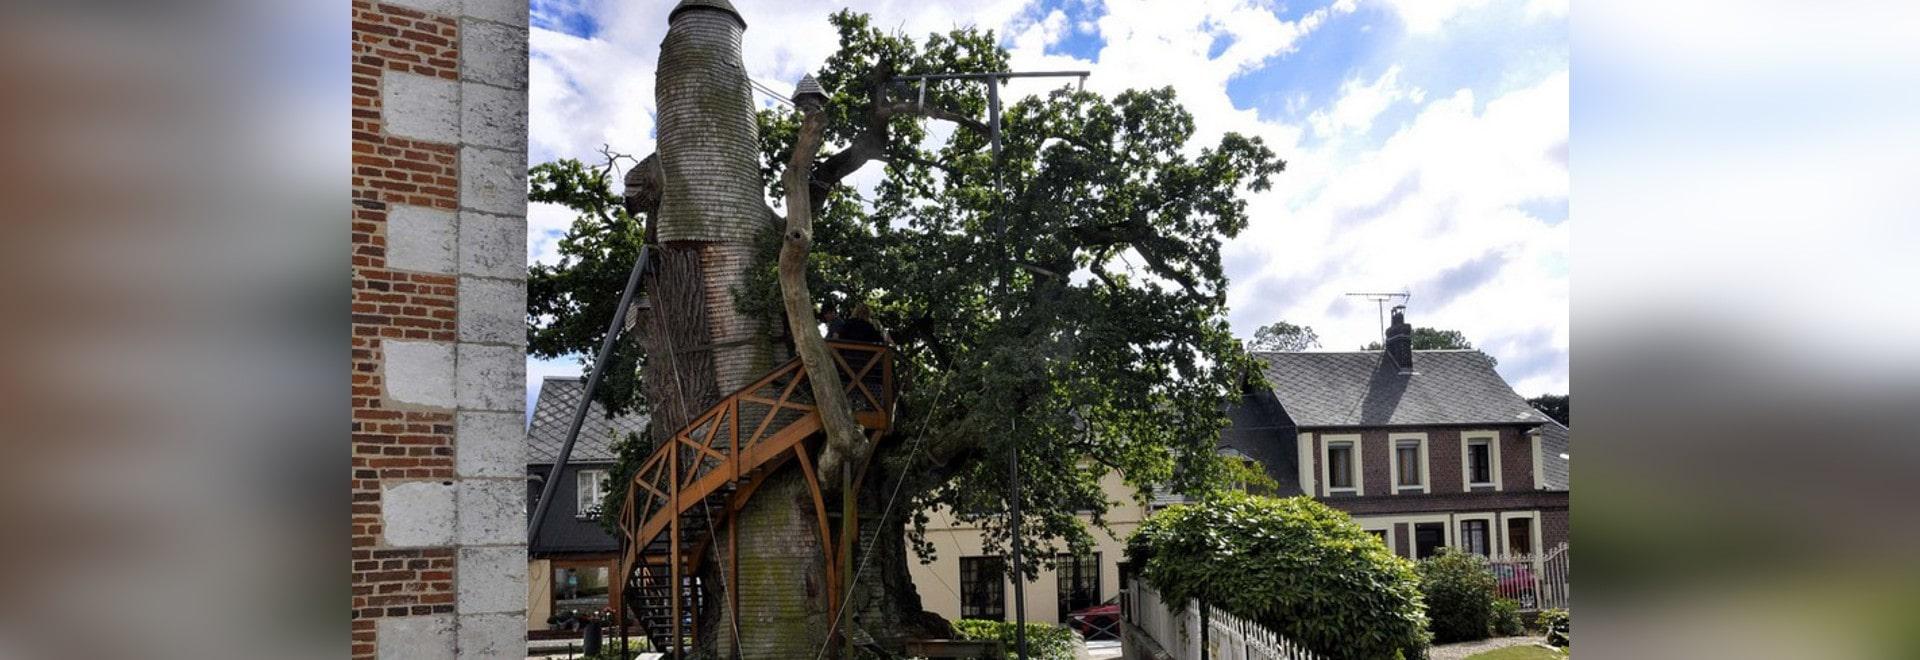 El árbol más viejo de Francia, vivo desde Louis IX, oculta capillas de la casa del árbol dentro de su tronco